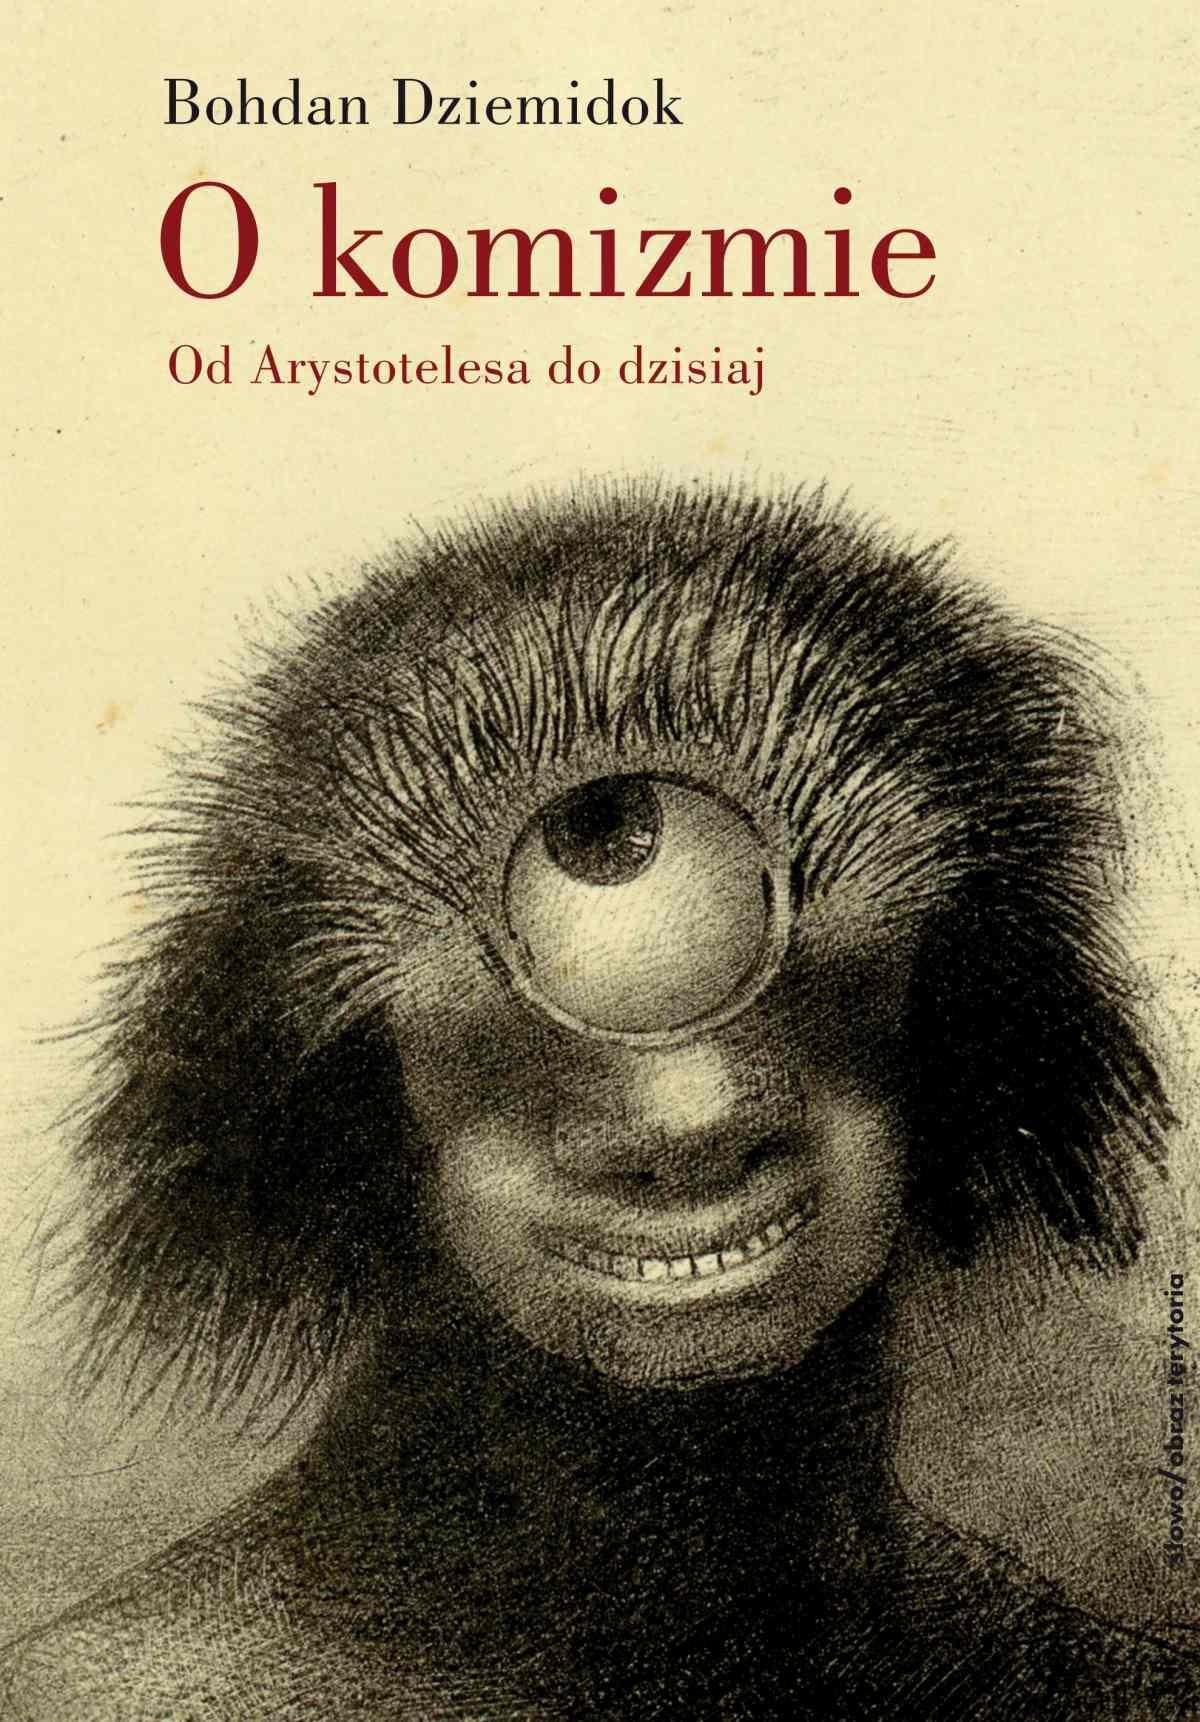 O komizmie. Od Arystotelesa do dzisiaj - Ebook (Książka na Kindle) do pobrania w formacie MOBI